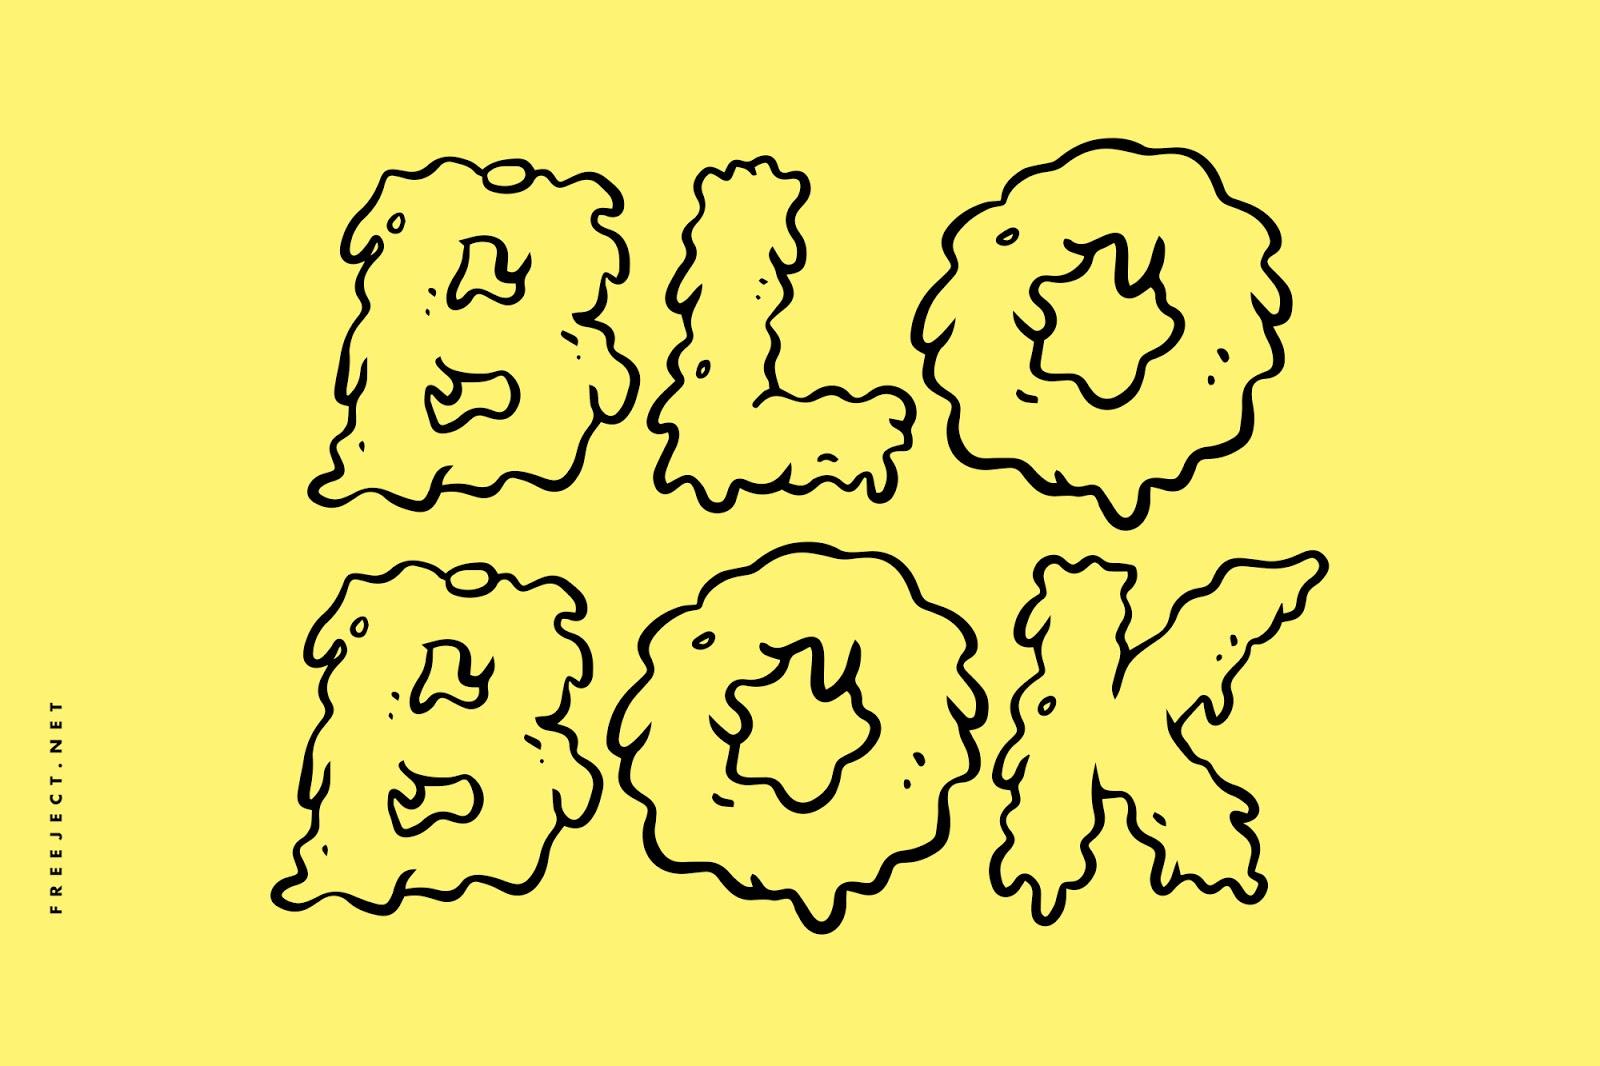 تحميل خط بلوبوك جريم الرائع - BLOBOK Grime Font